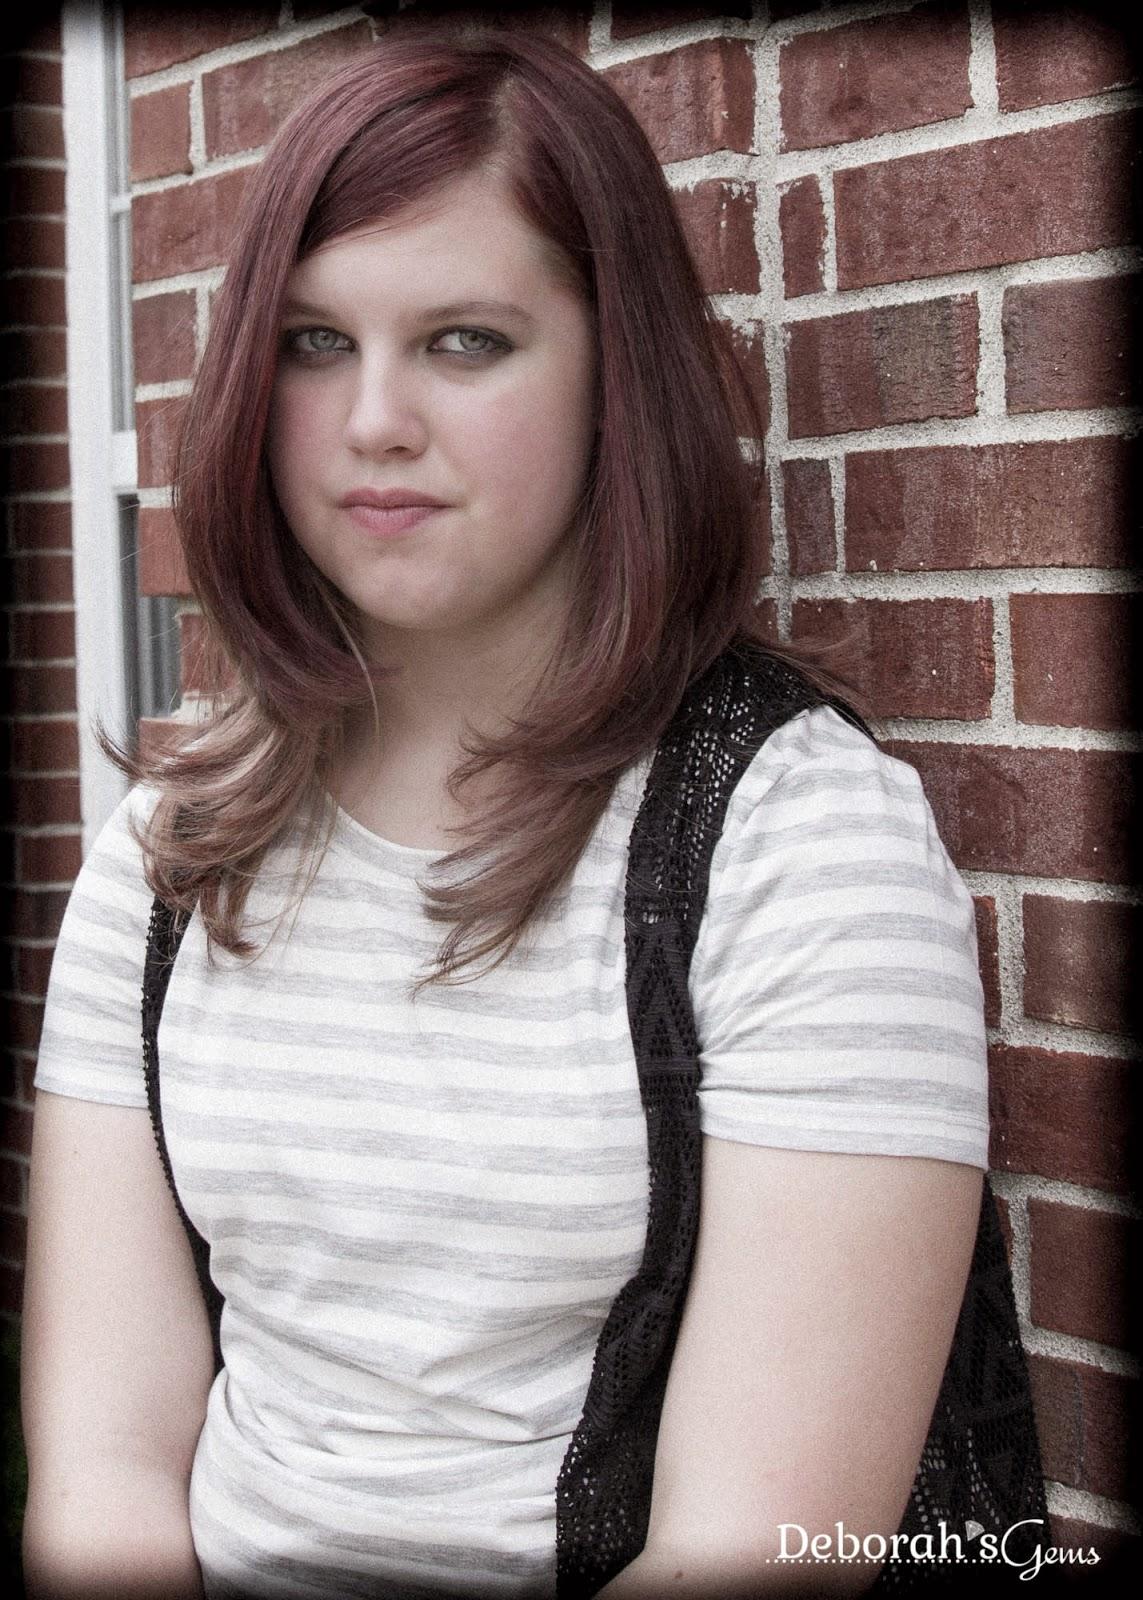 Kathryn 2 - photo by Deborah Frings - Deborah's Gems